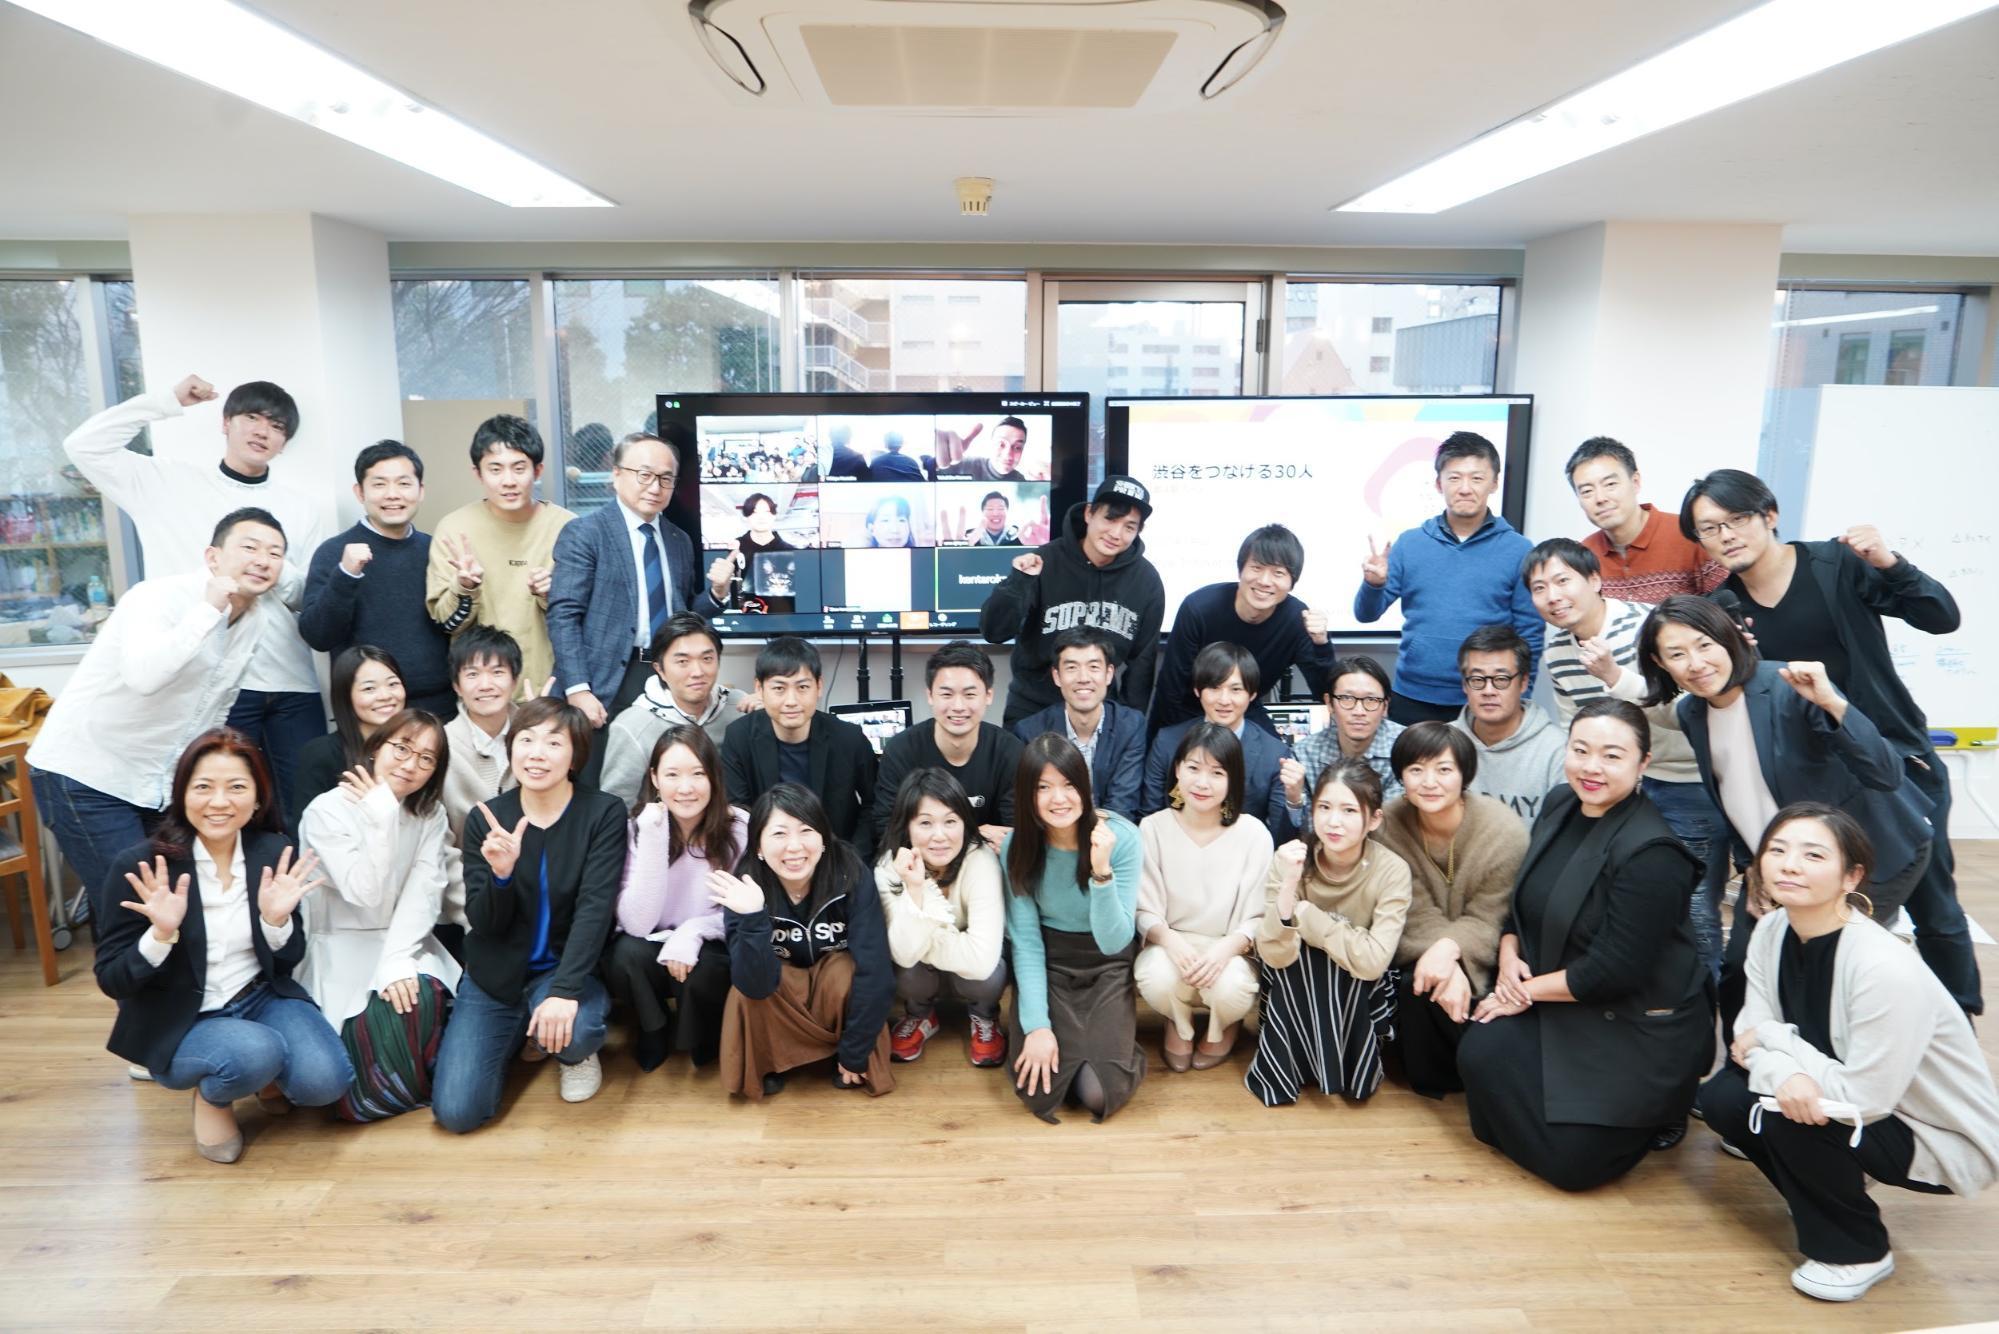 「渋谷をつなげる30人」 Day8(2020/03/05)レポート 〜 「終わりではなく、はじまり」〜